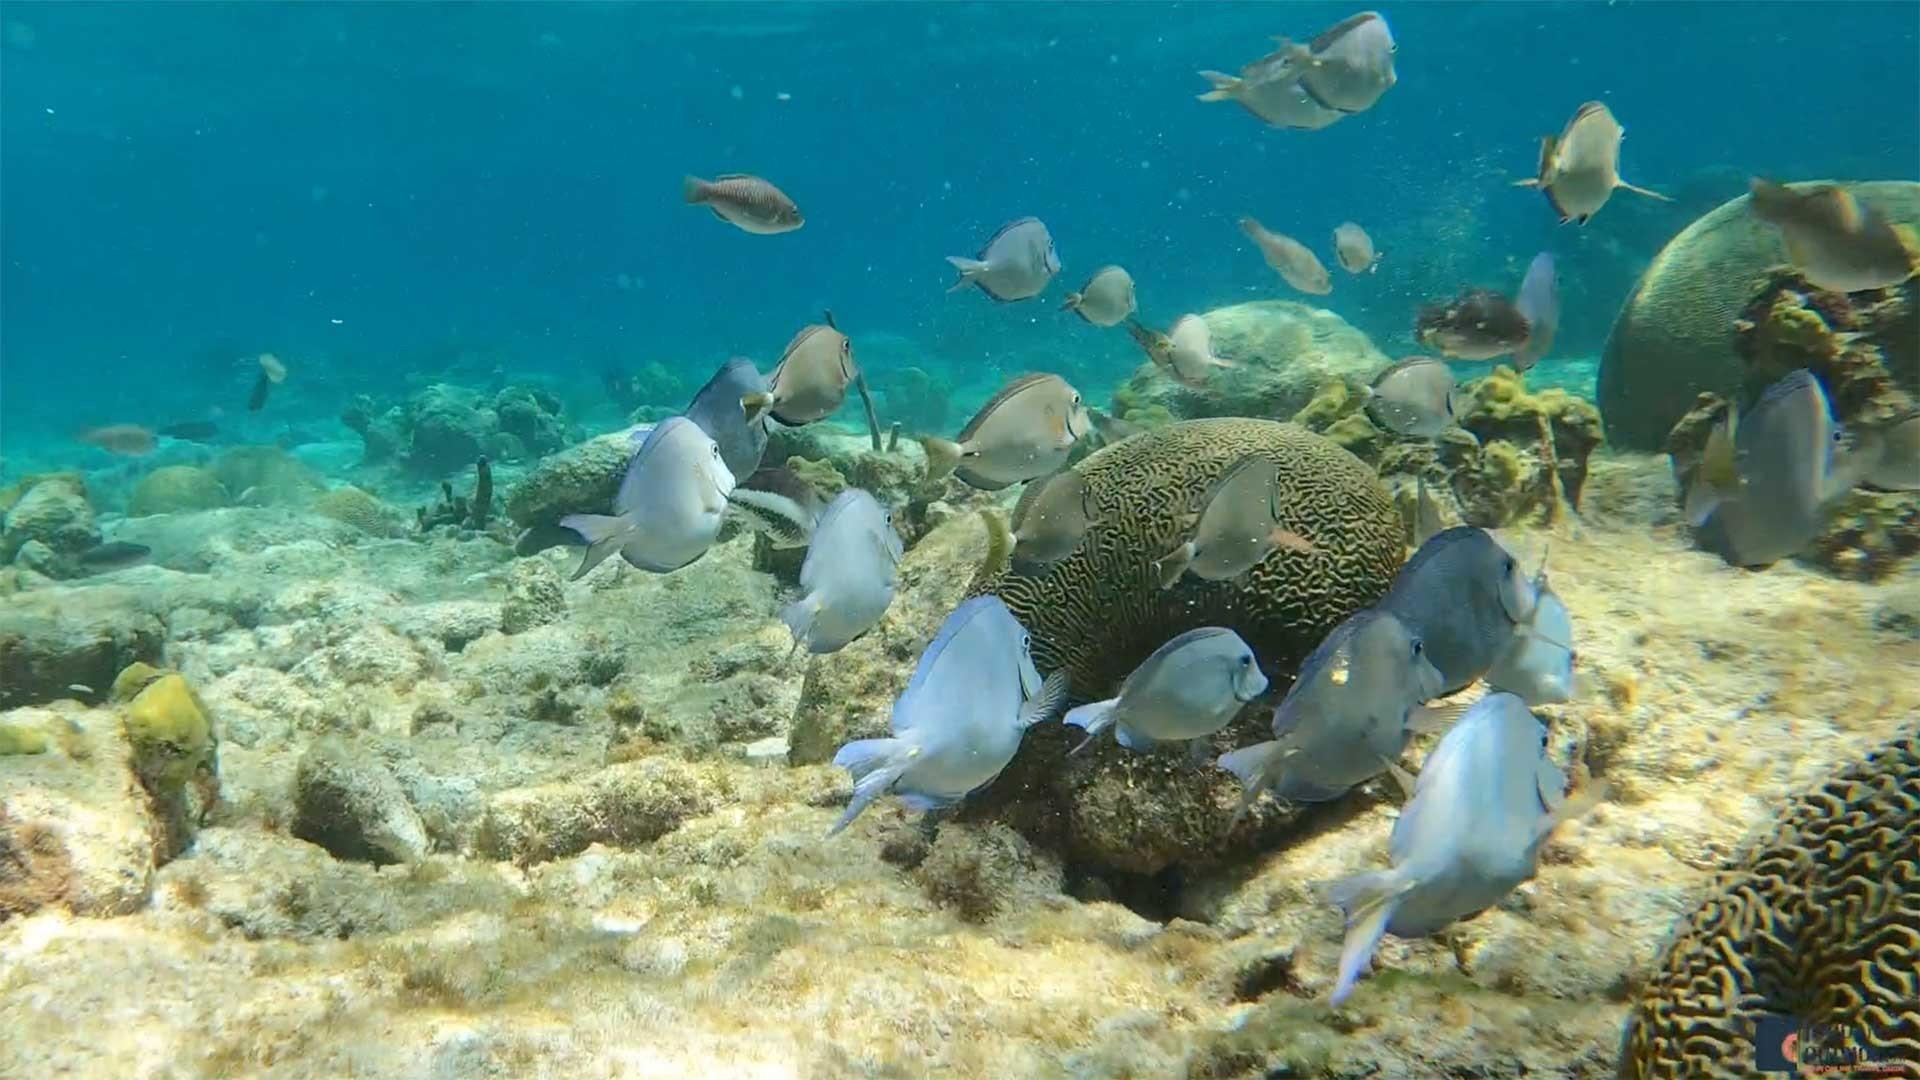 Fish at Buck Island Reef, St. Croix